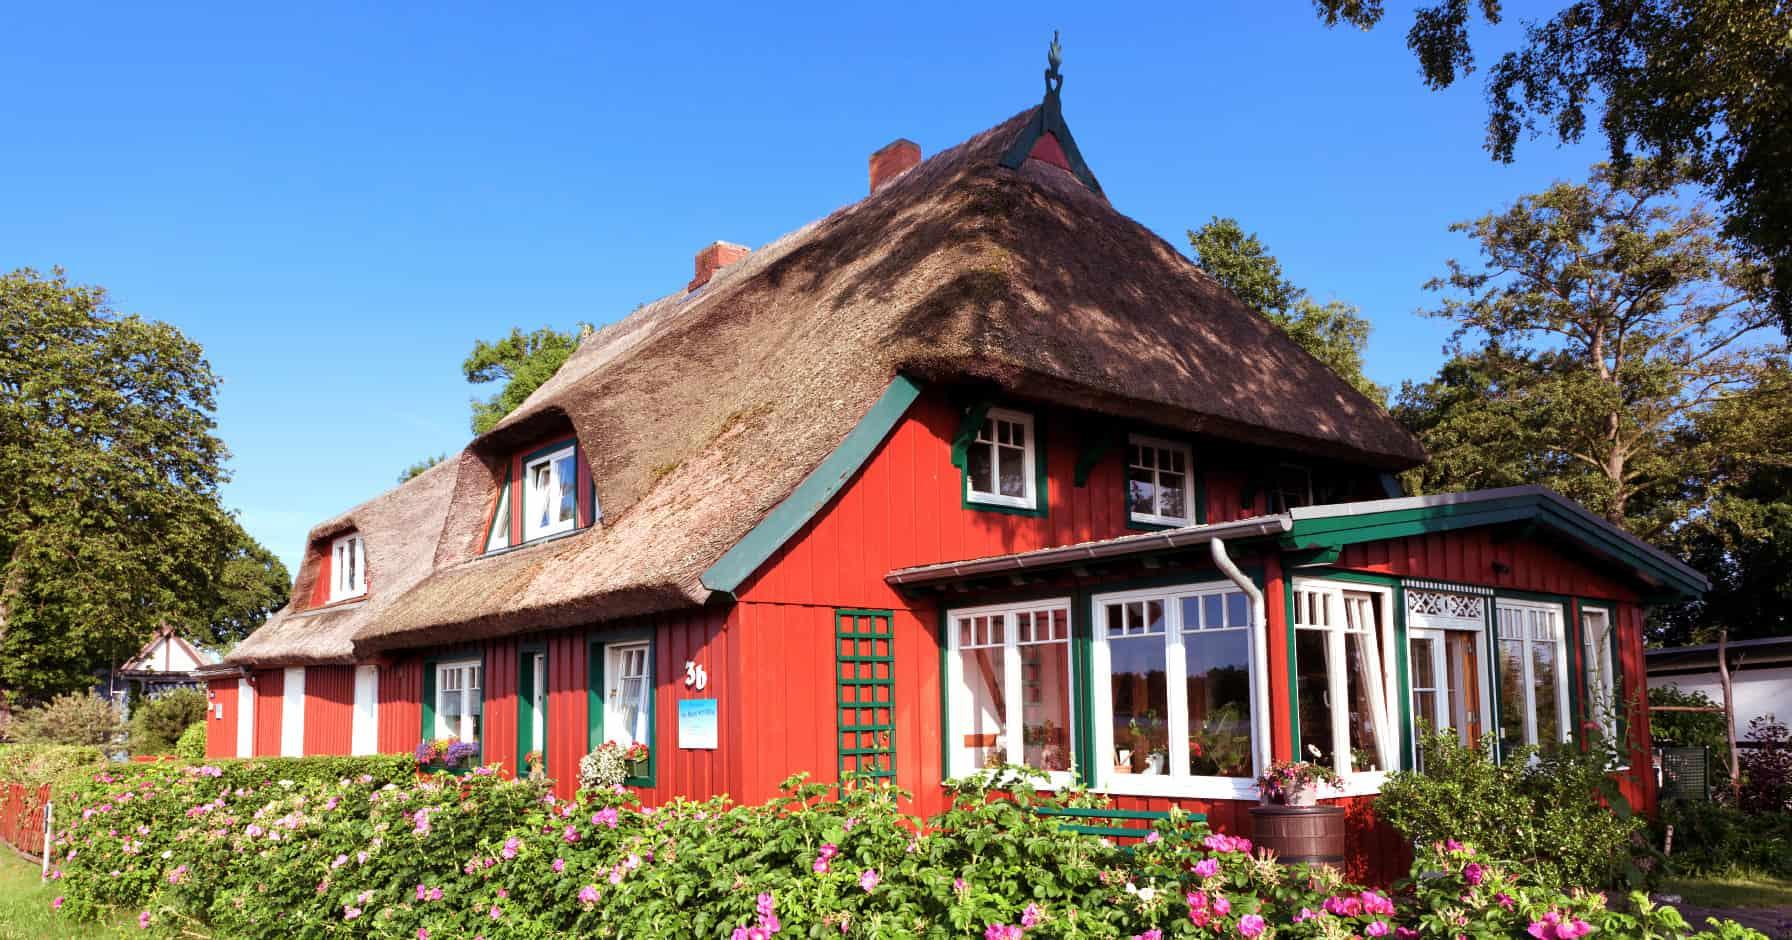 Wie Berechnet Sich Die Erbschaftssteuer Bei Immobilien